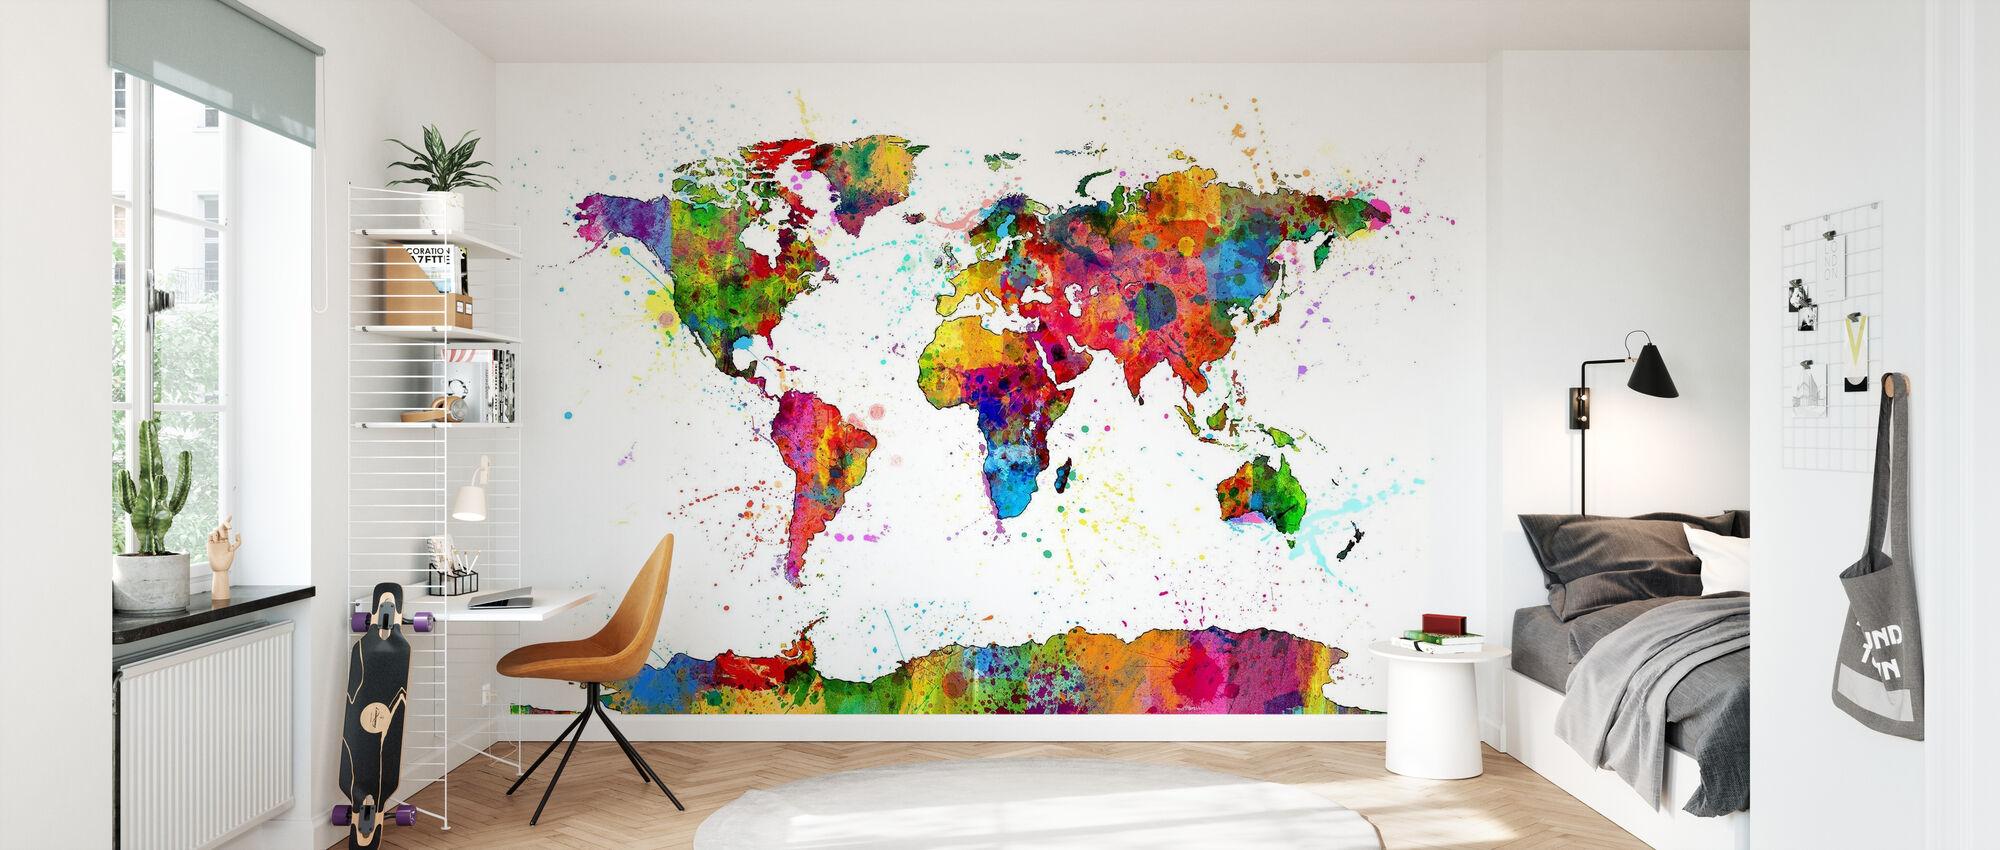 Paint Splashes Map 2 - Wallpaper - Kids Room